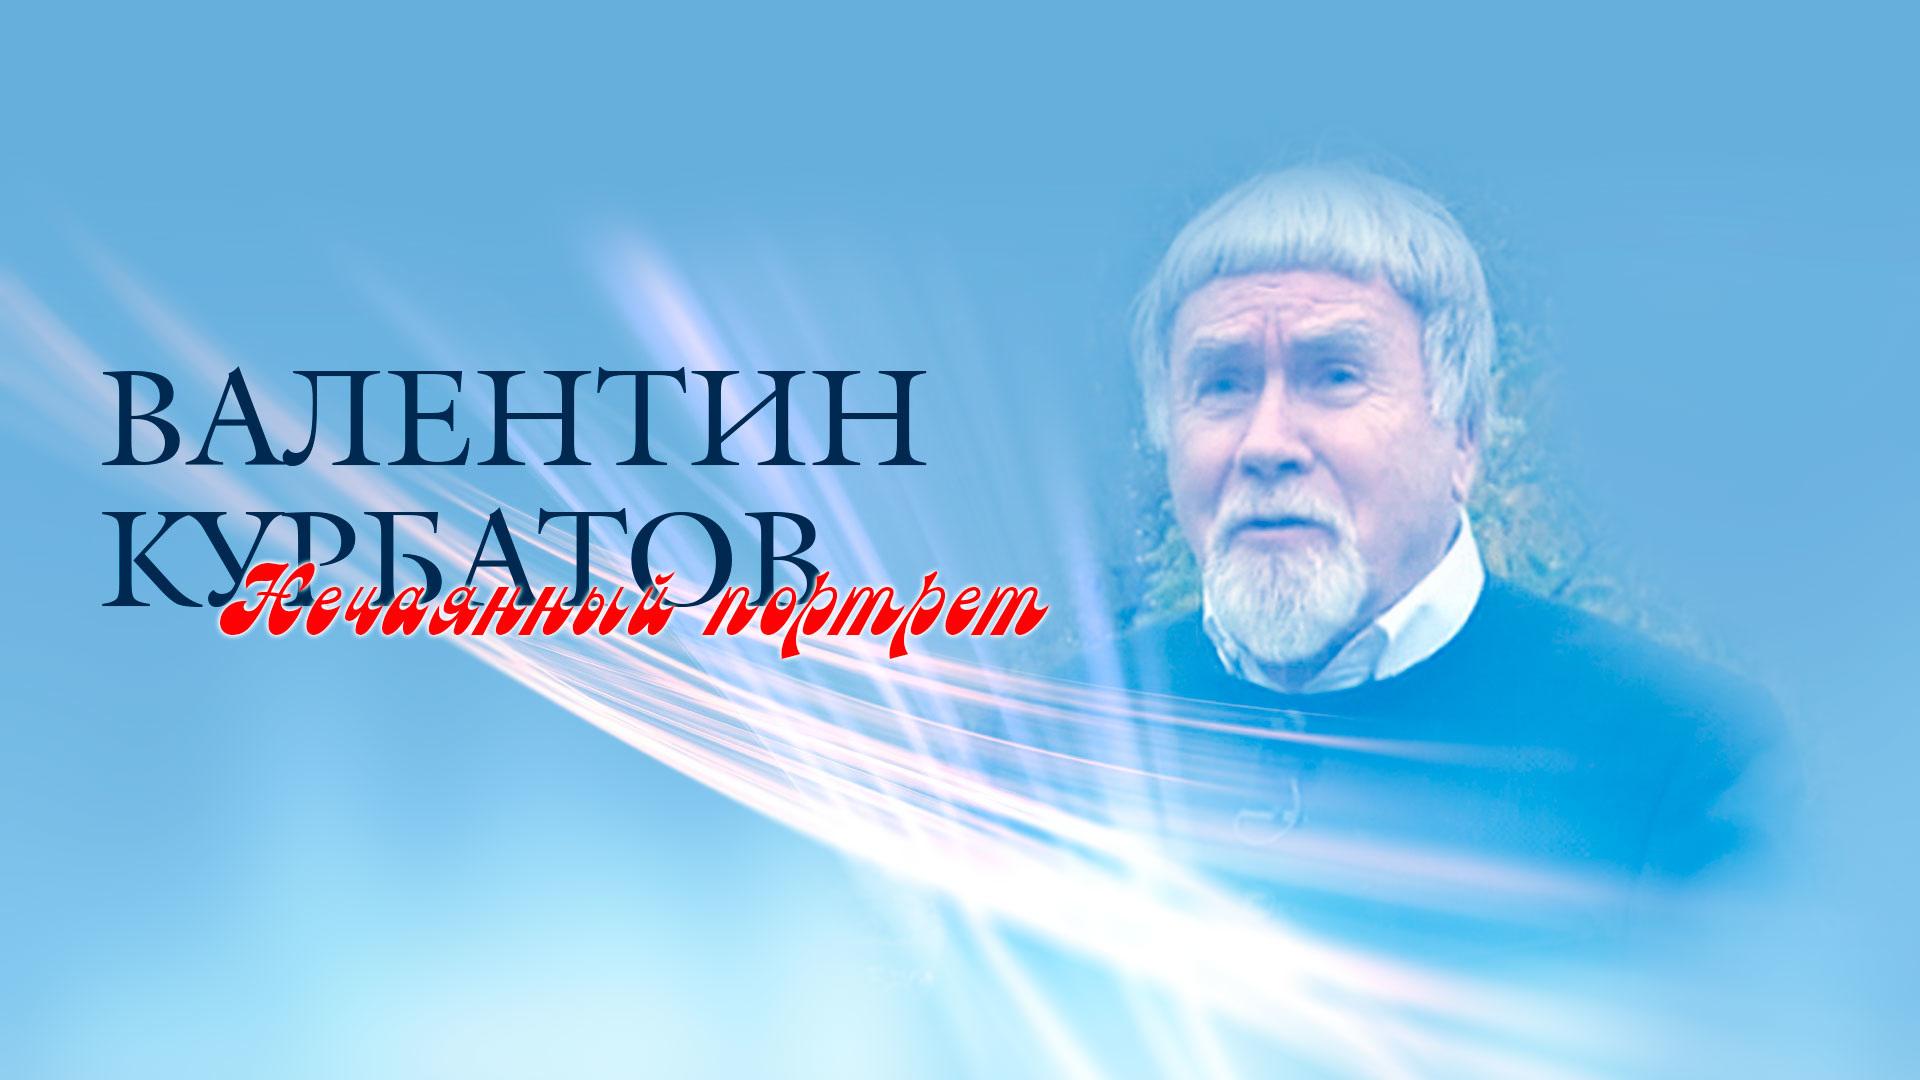 Валентин Курбатов. Нечаянный портрет